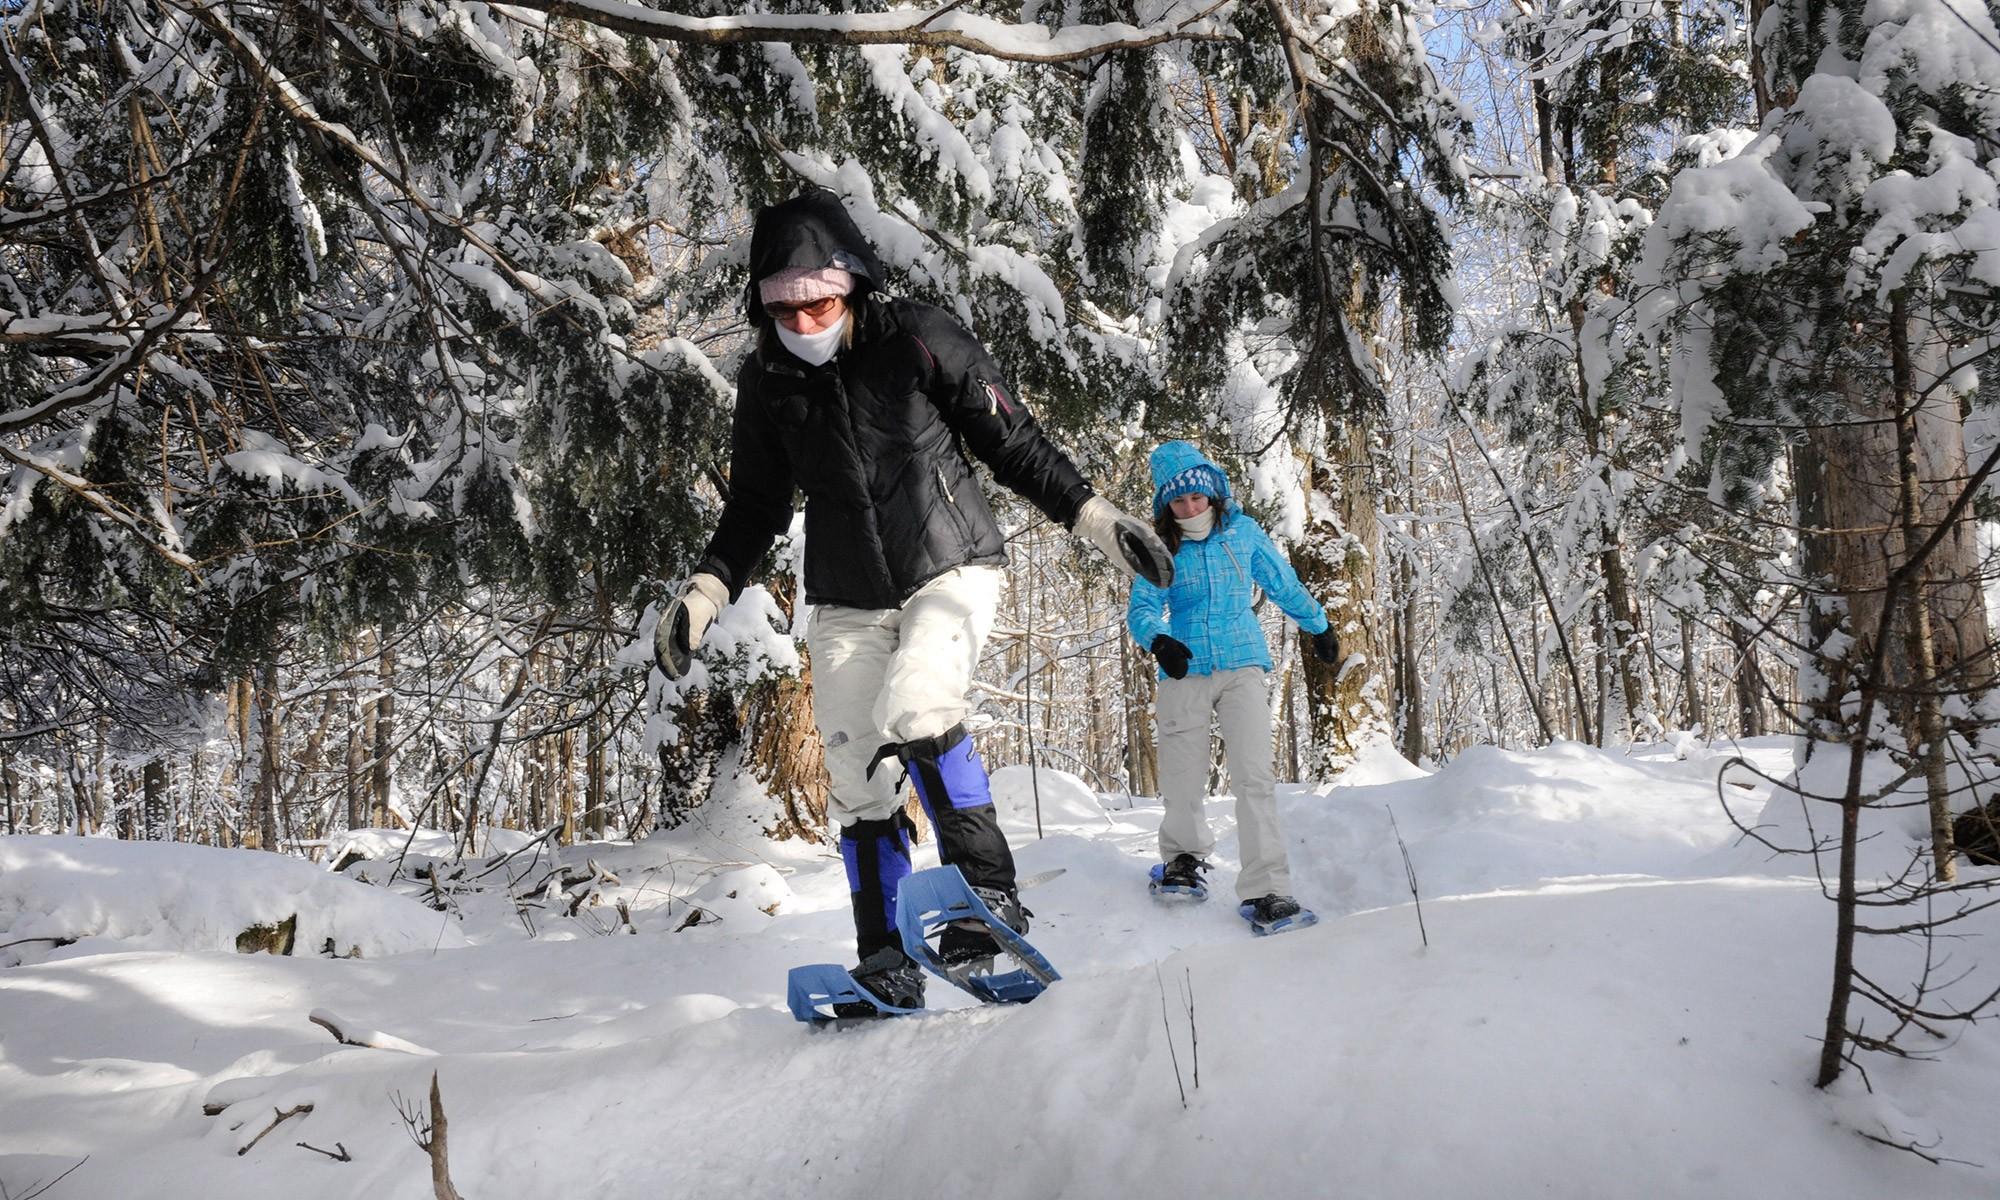 À proximité de la ville, vous pourrez pratiquer le ski alpin et aurez accès à maintes autres activités selon les saisons, telles que le vélo de montagne ou la descente de glissades d'eau.